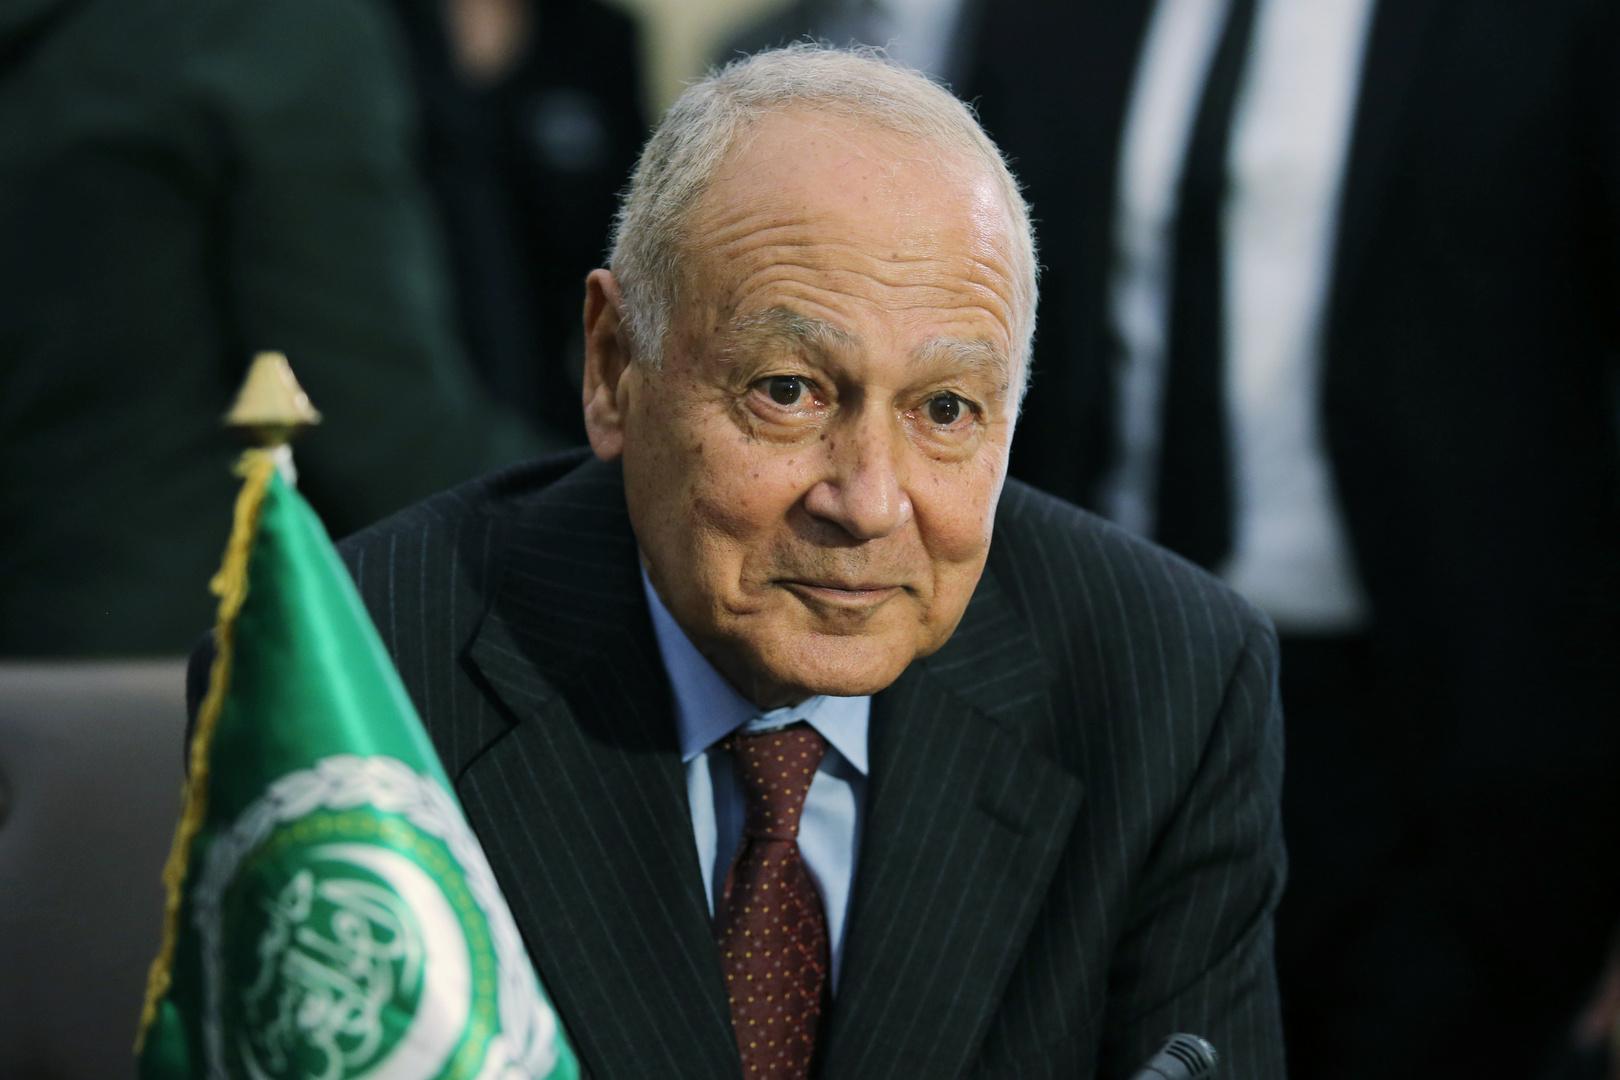 أبو الغيط يبحث مع لعمامرة التحضير للقمة العربية المقبلة بالجزائر